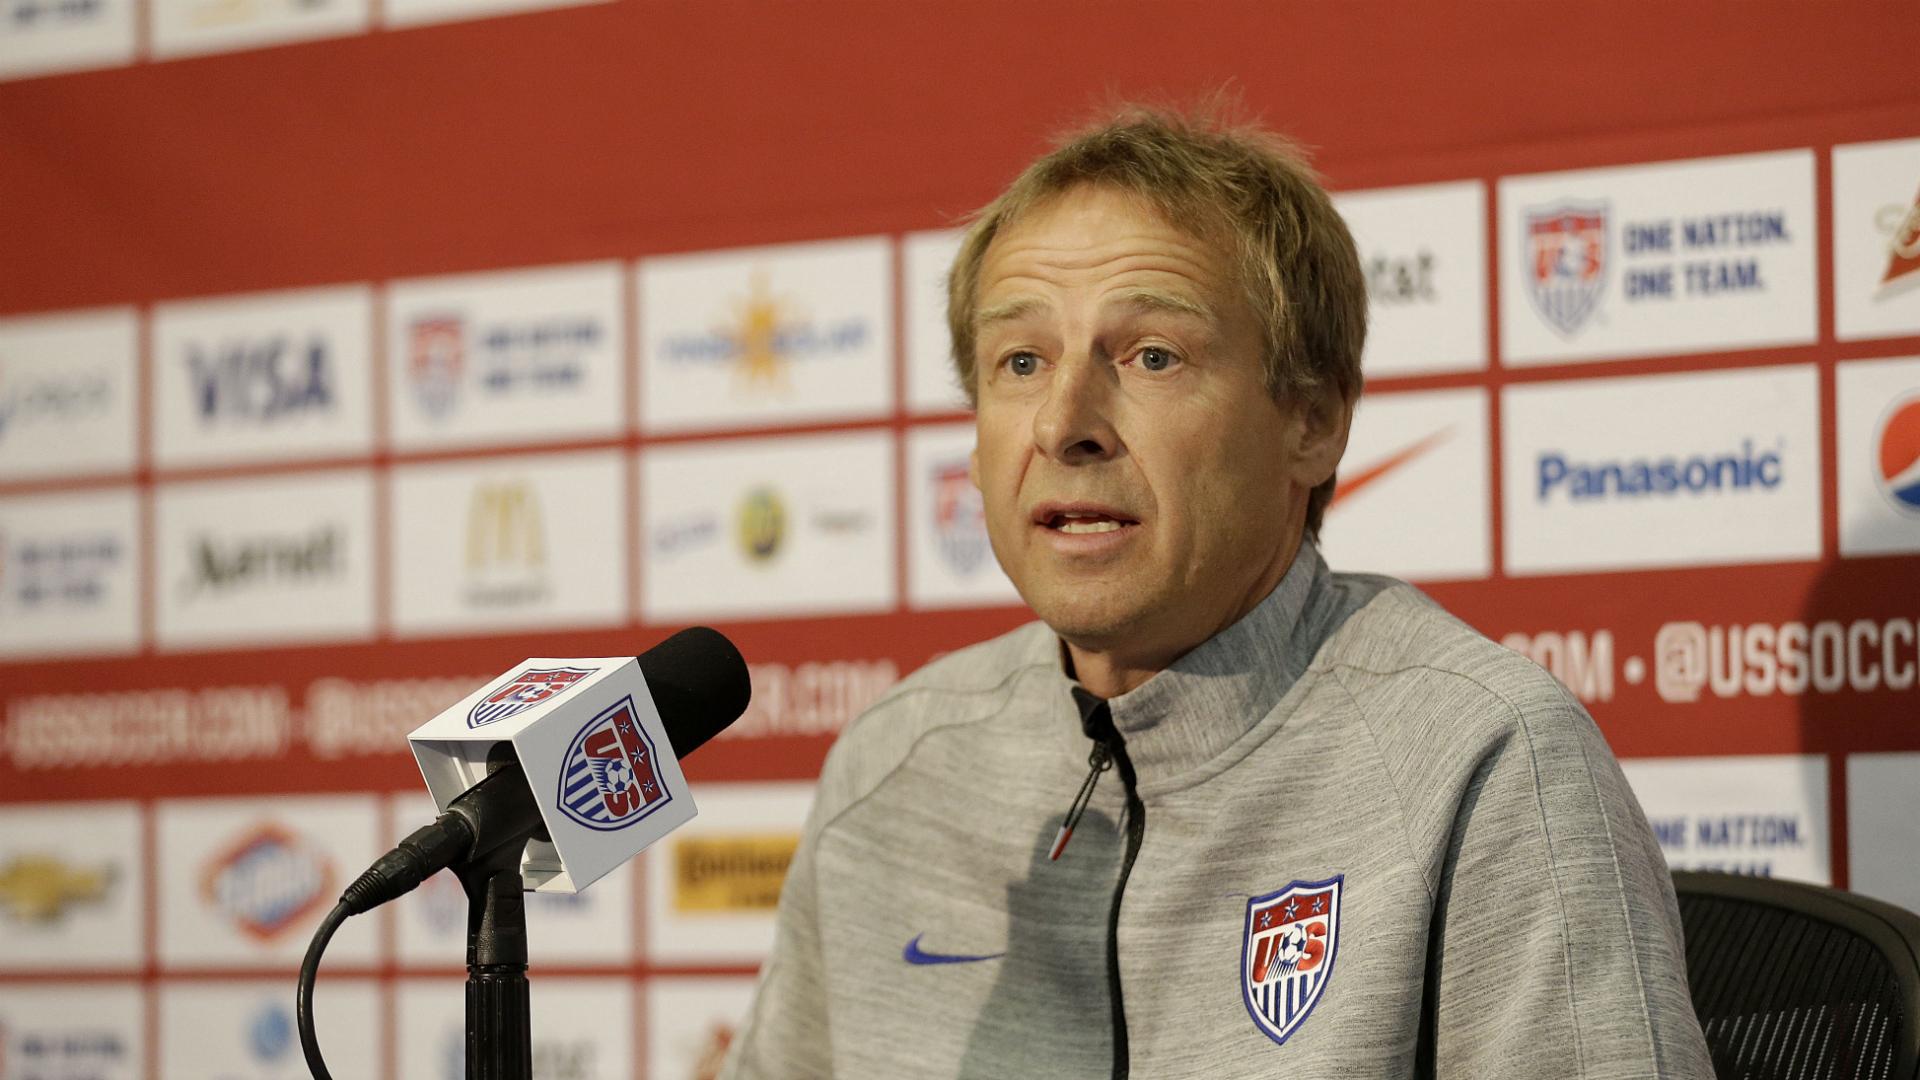 Jurgen-Klinsmann-5-23-14-AP-FTR